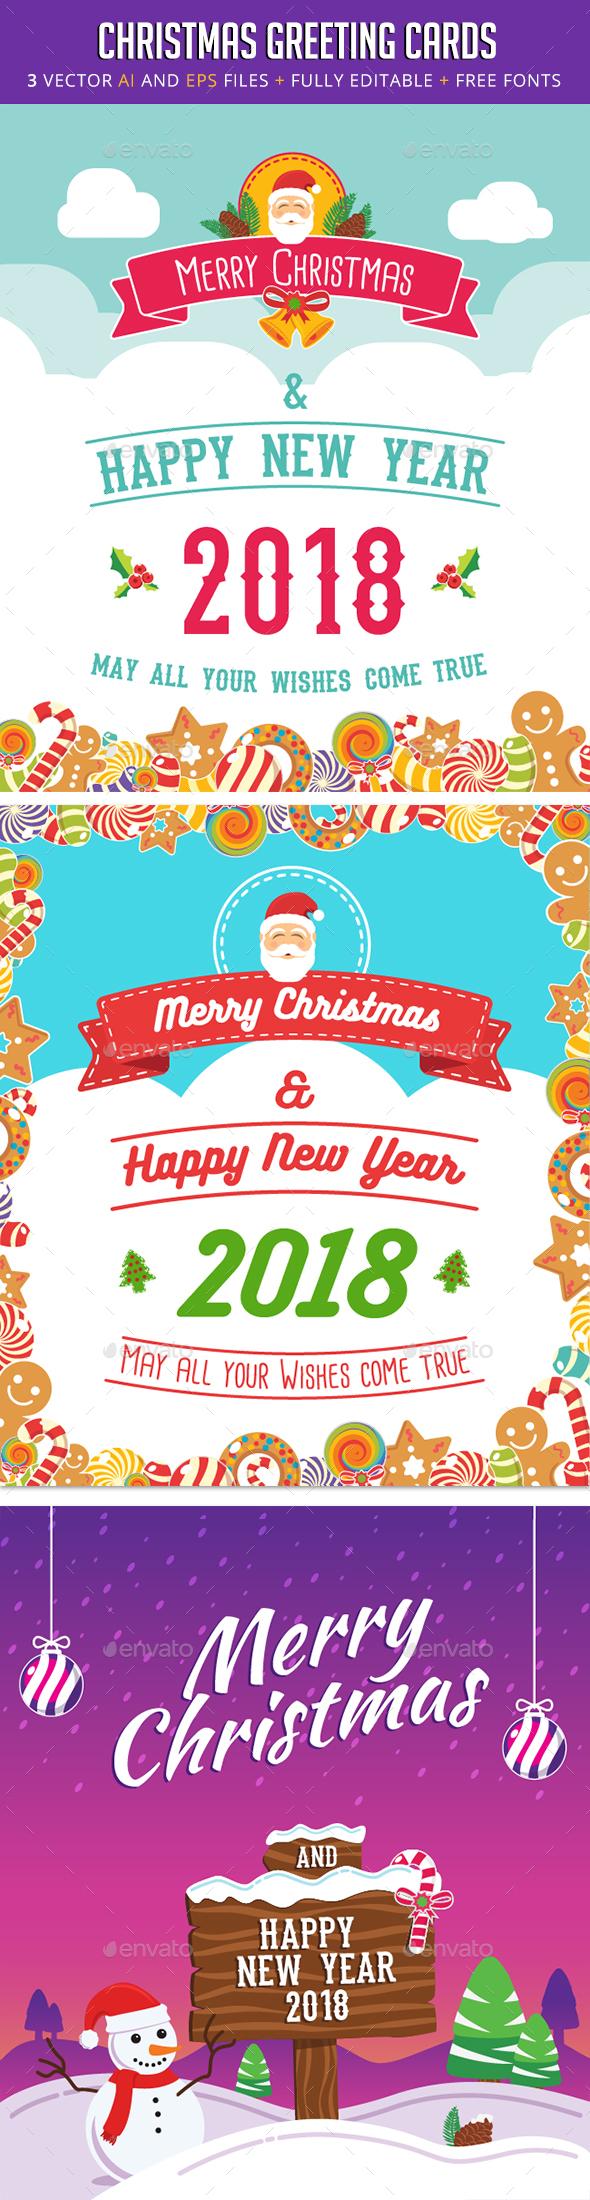 Christmas Greeting Cards_2 - Christmas Seasons/Holidays